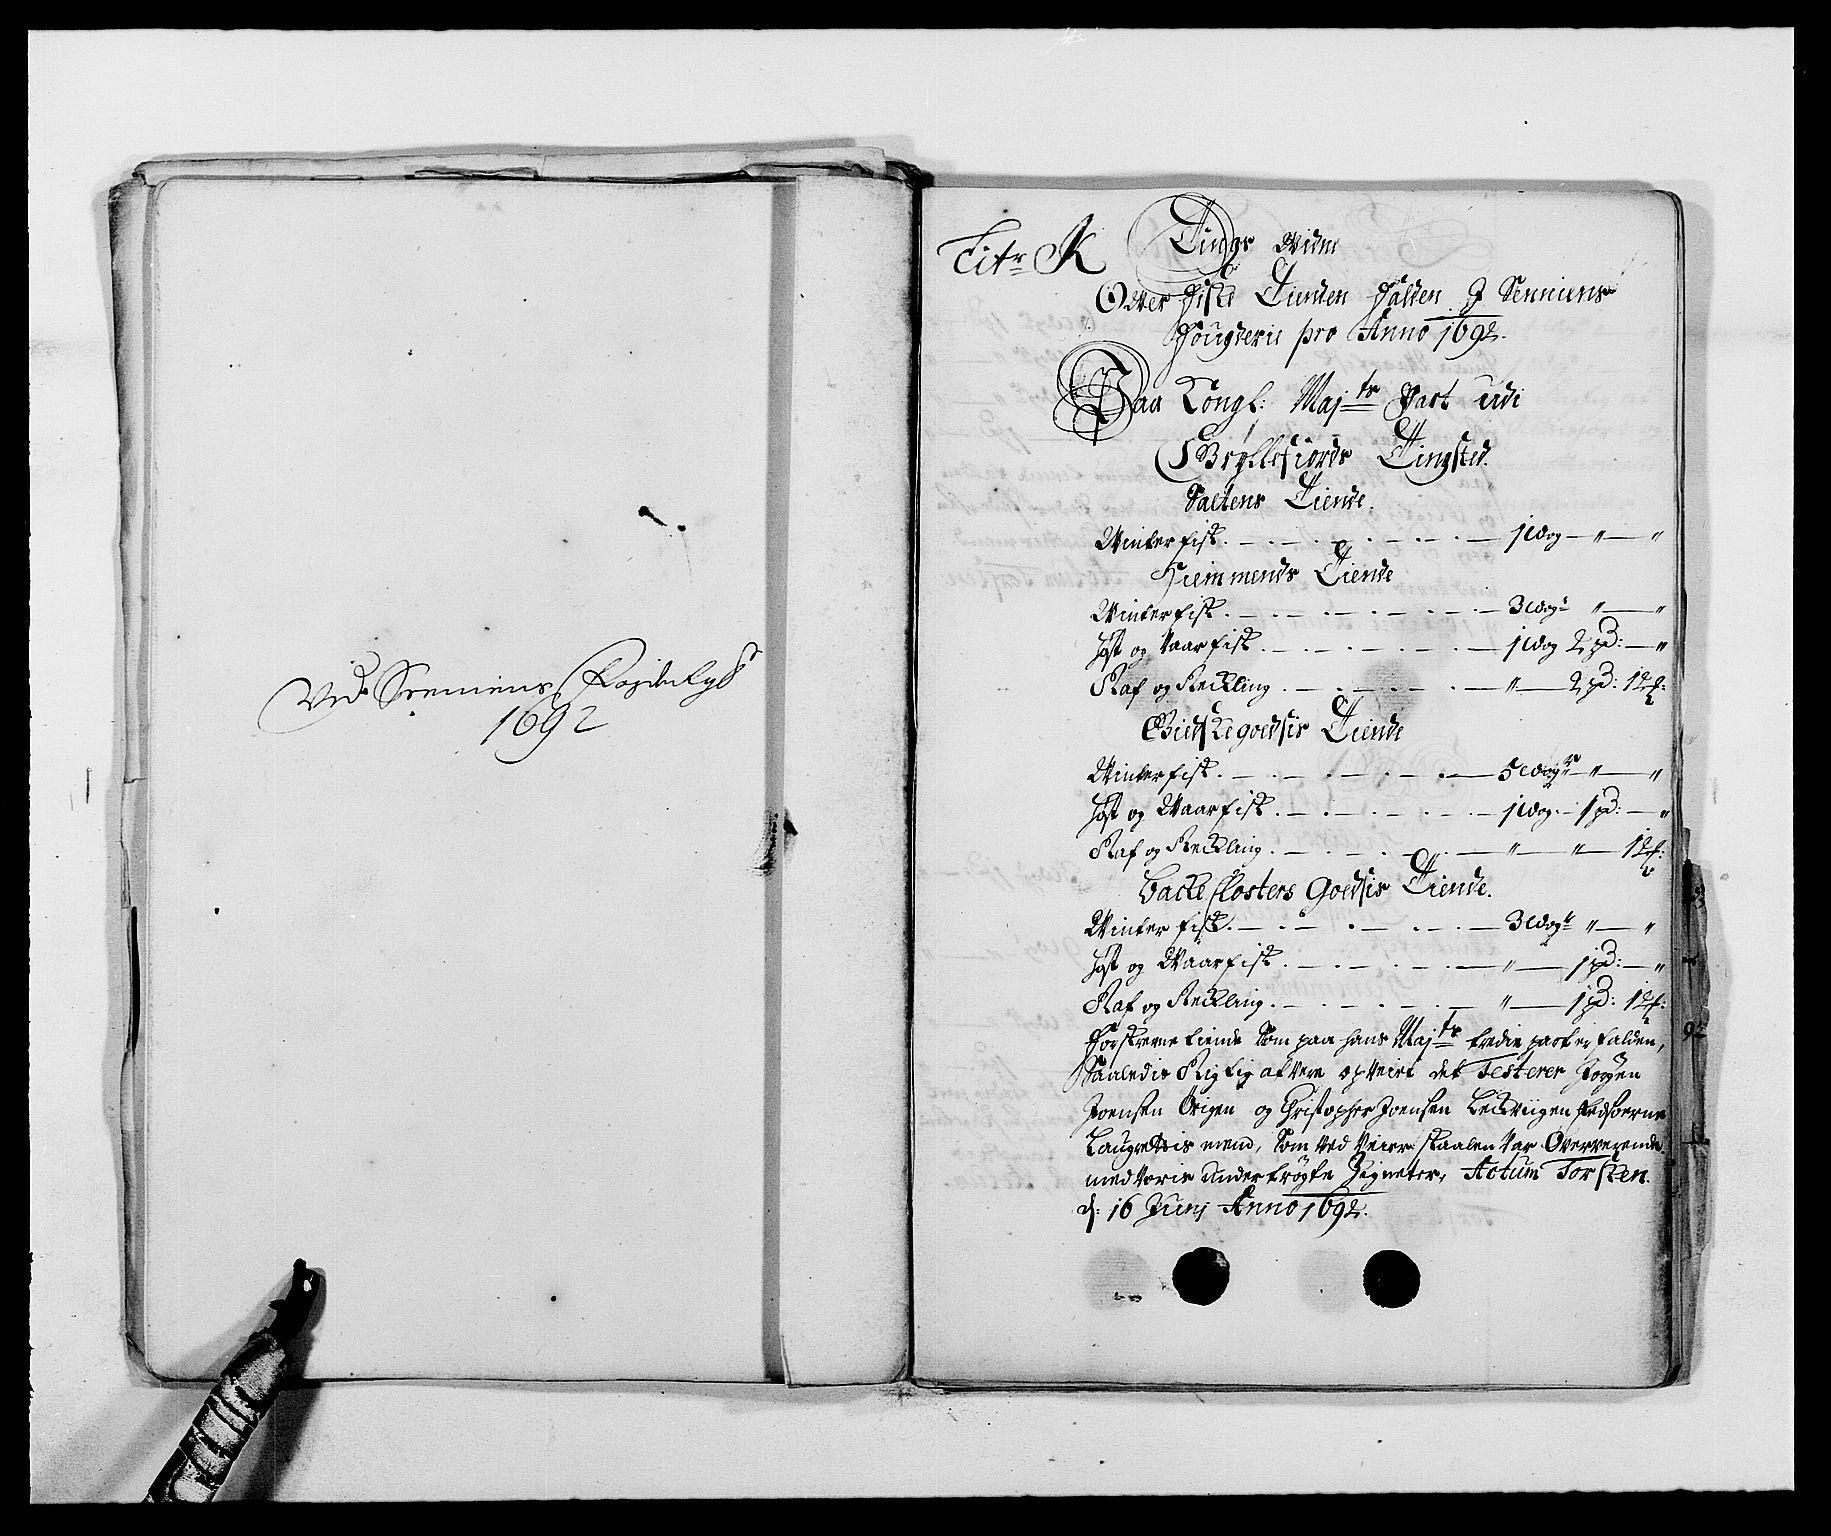 RA, Rentekammeret inntil 1814, Reviderte regnskaper, Fogderegnskap, R68/L4752: Fogderegnskap Senja og Troms, 1691-1693, s. 241